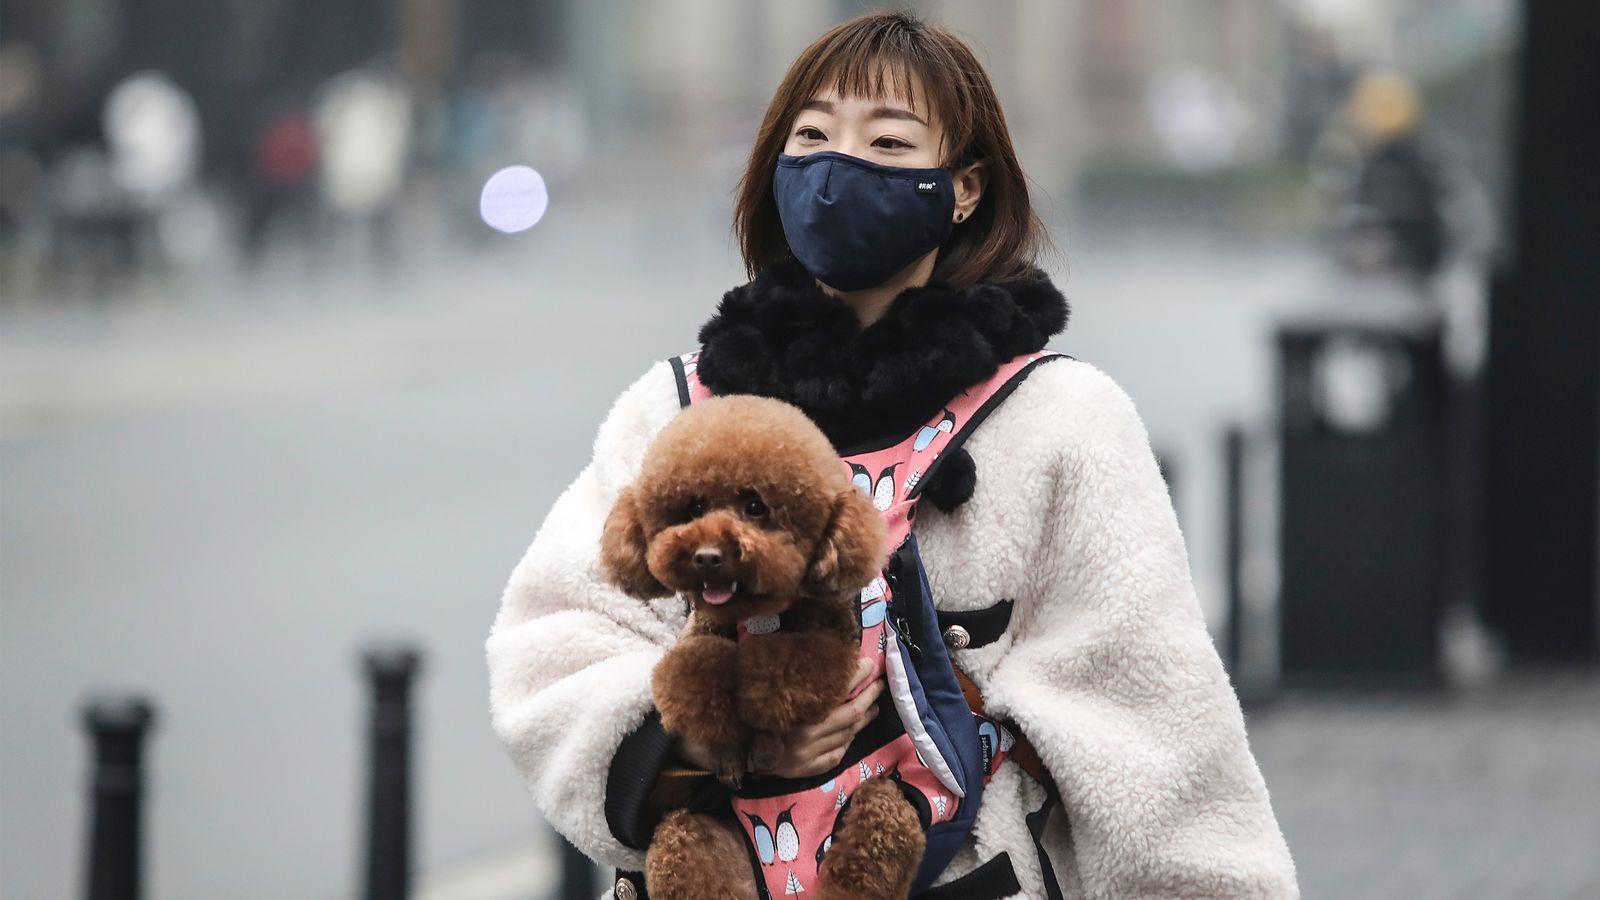 Organisasi Kesehatan Dunia telah mengkonfirmasi tidak ada bukti bahwa anjing peliharaan atau kucing dapat terinfeksi virus.